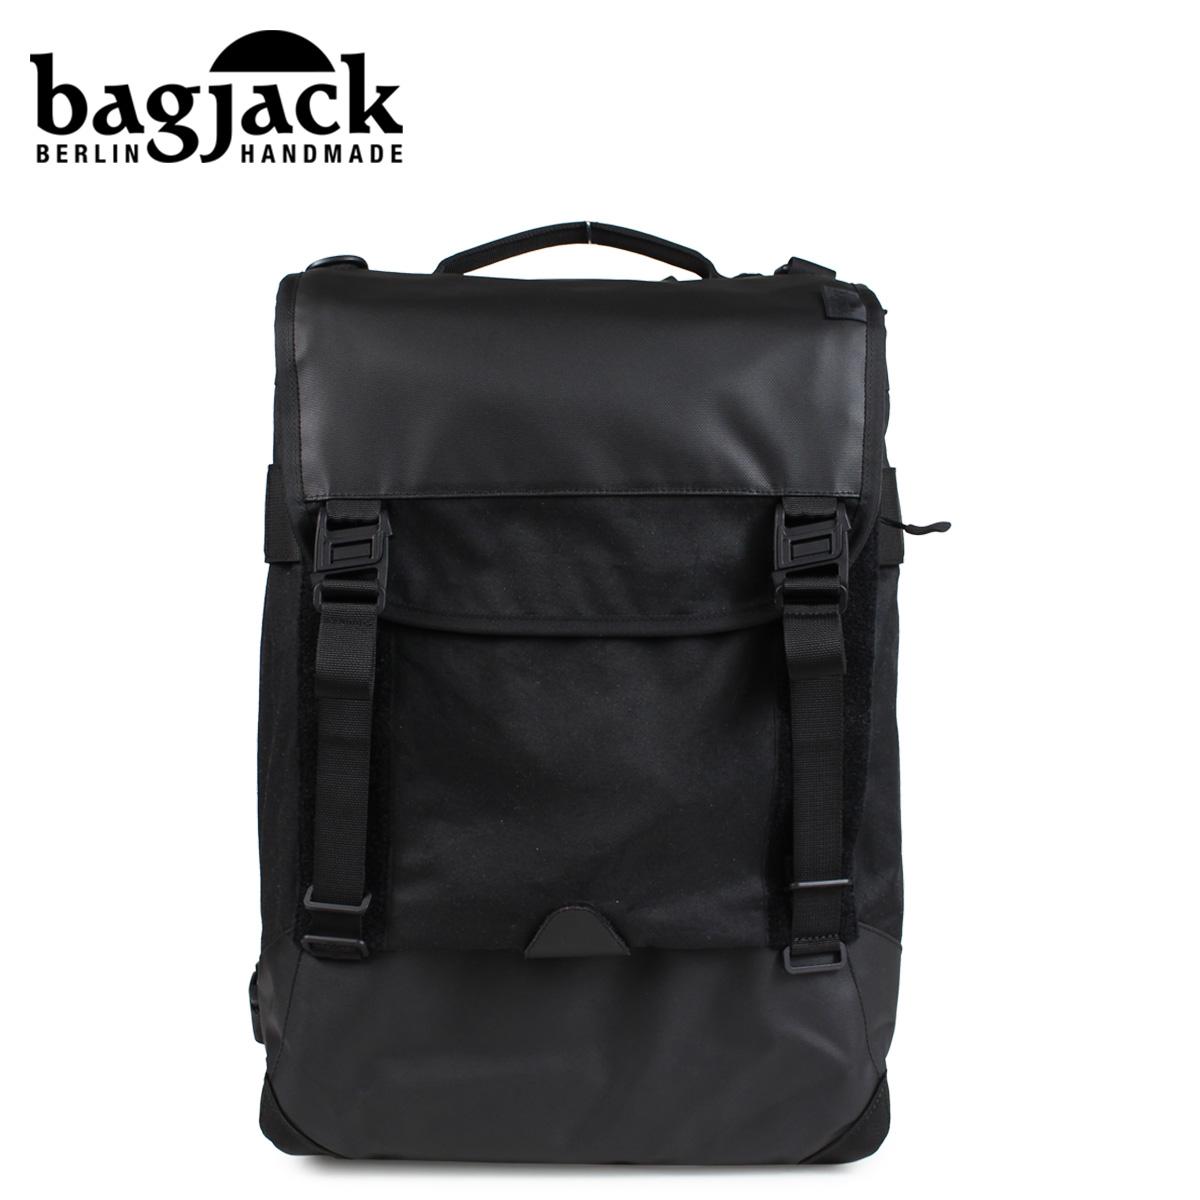 バッグジャック bagjack リュック バックパック メンズ レディース NEXT LEVEL NATURE TEC SKIDCAT ブラック 黒